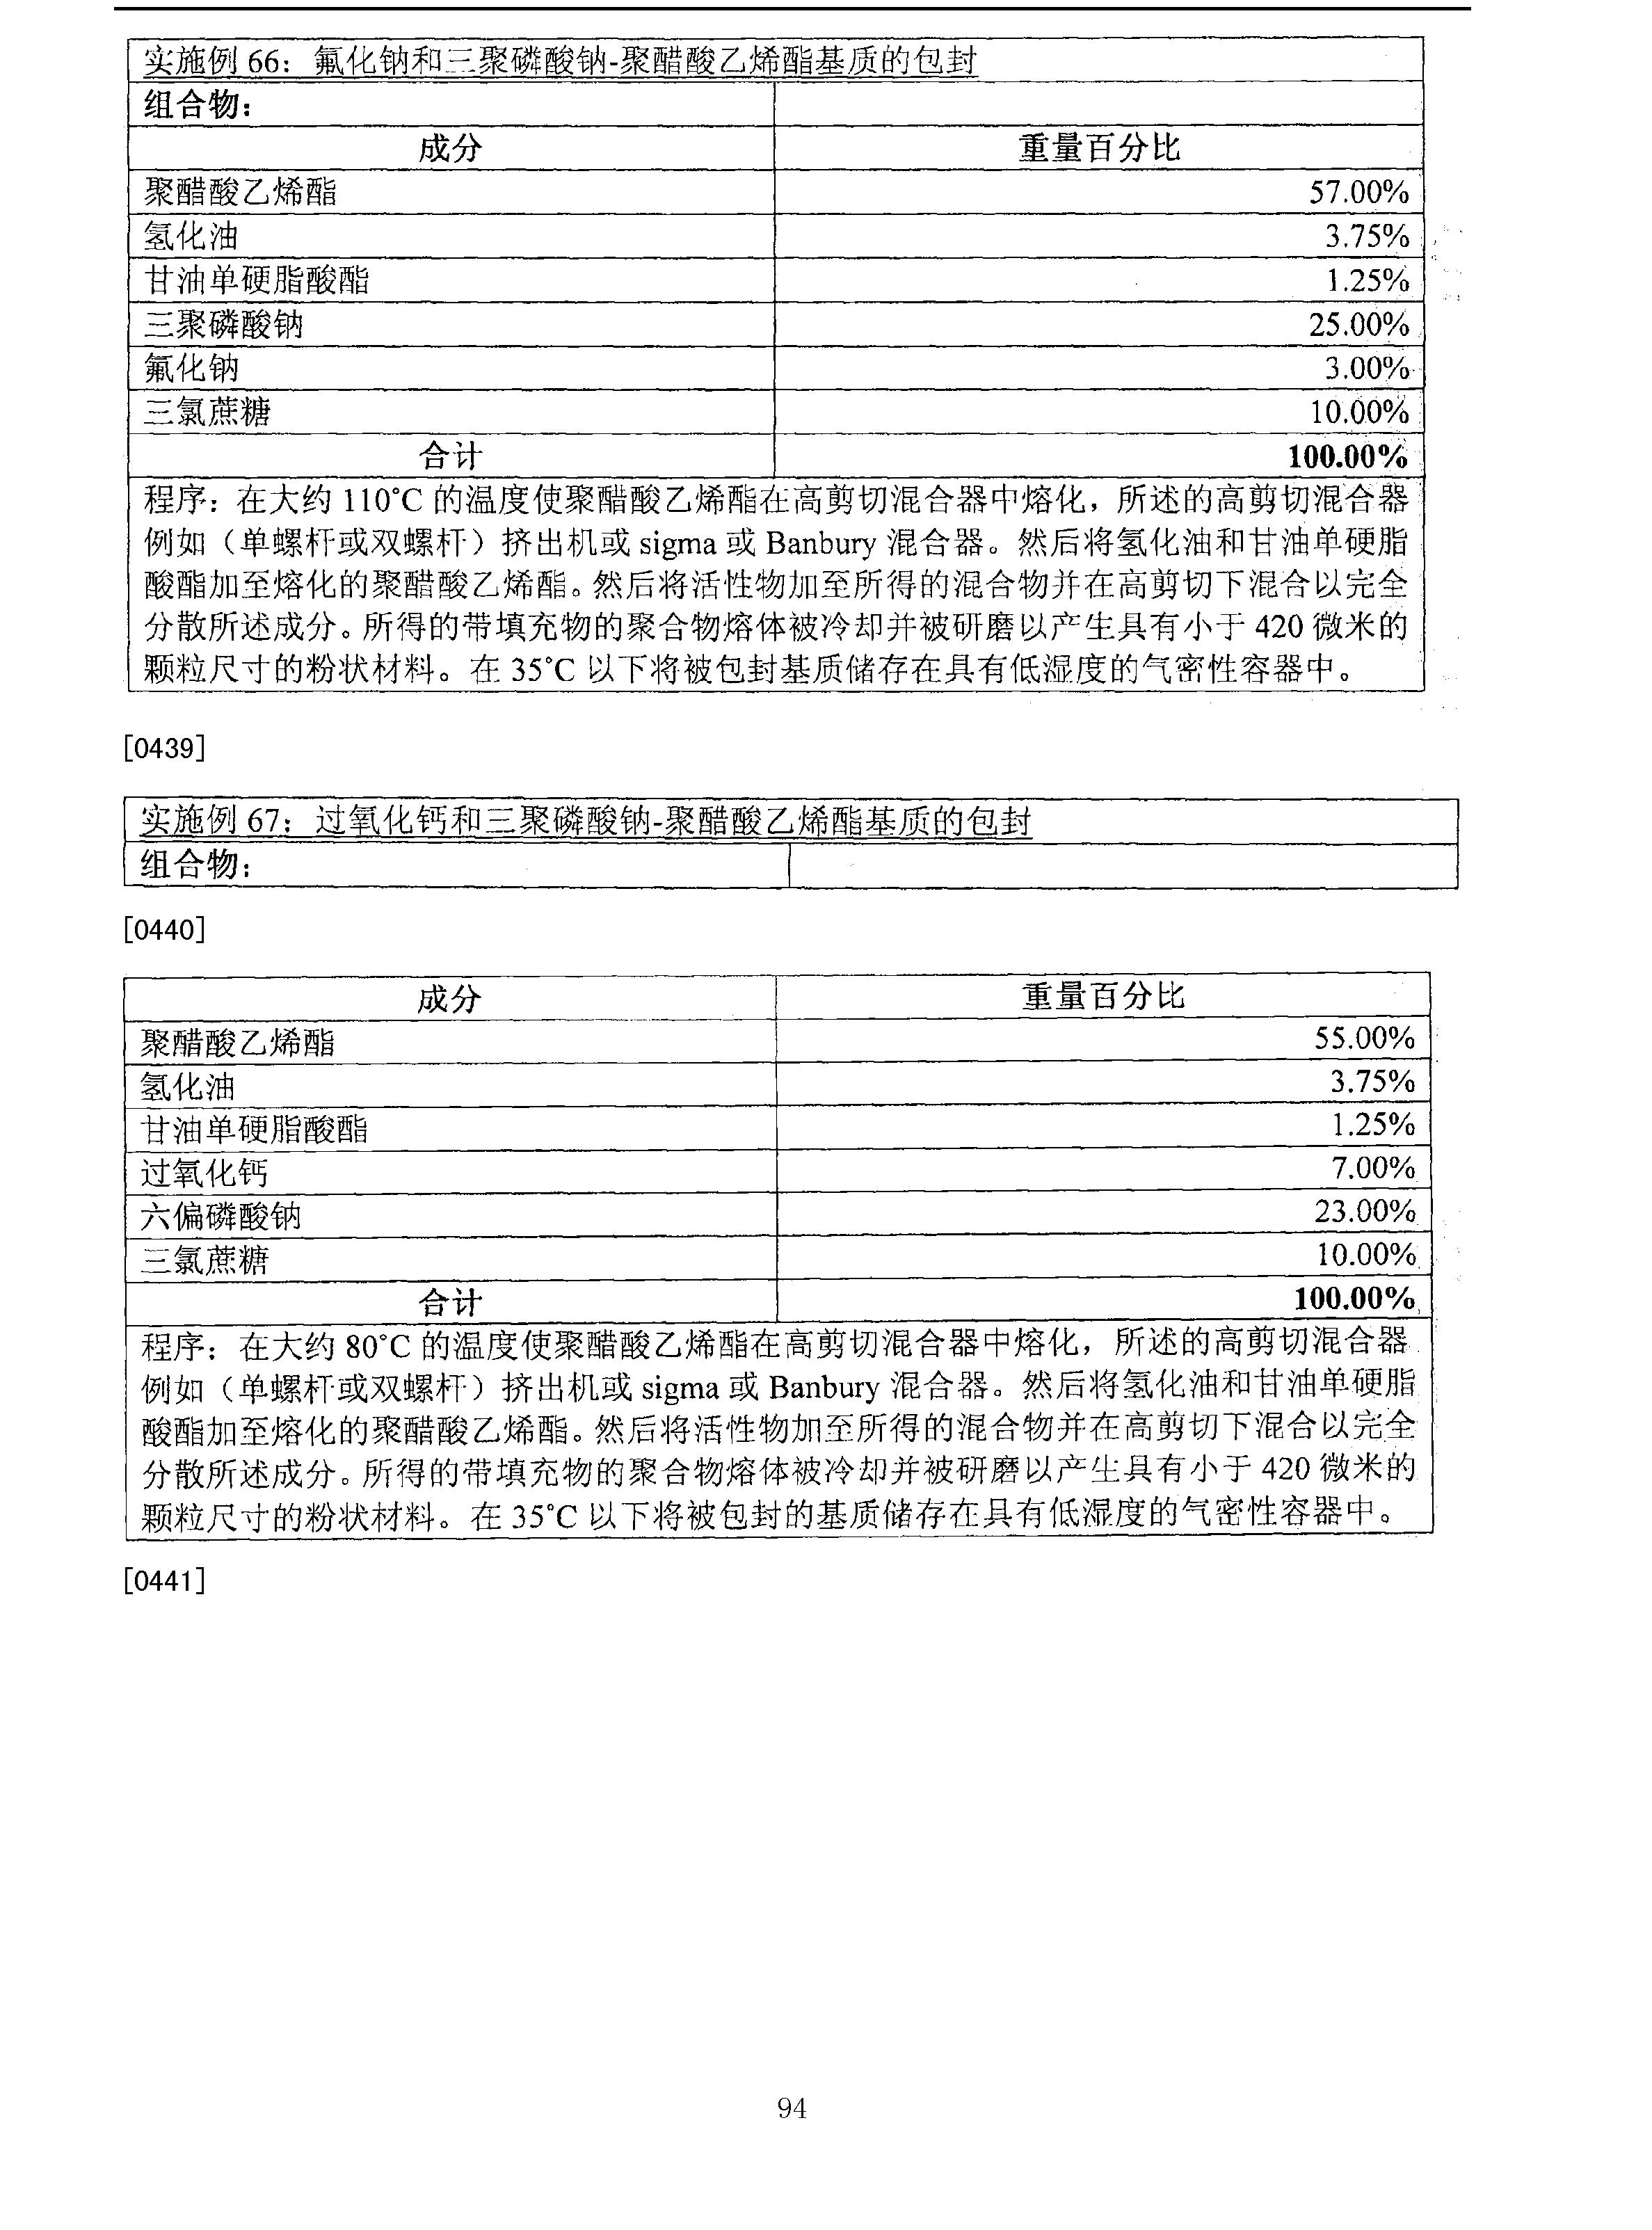 Figure CN101179943BD00941